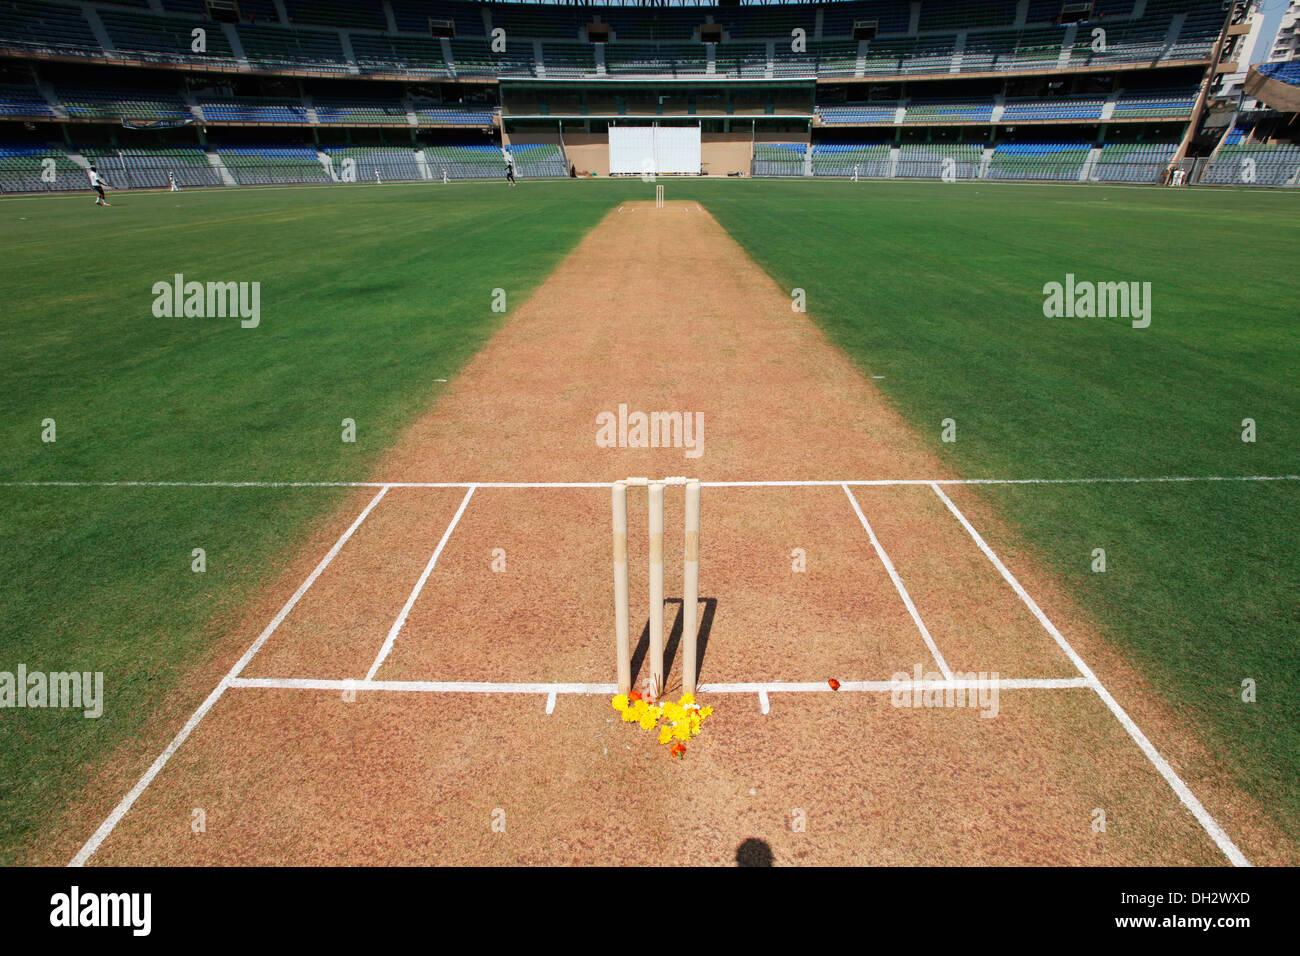 Les souches et terrain de cricket Wankhede Stadium Mumbai Maharashtra Inde Asie Banque D'Images